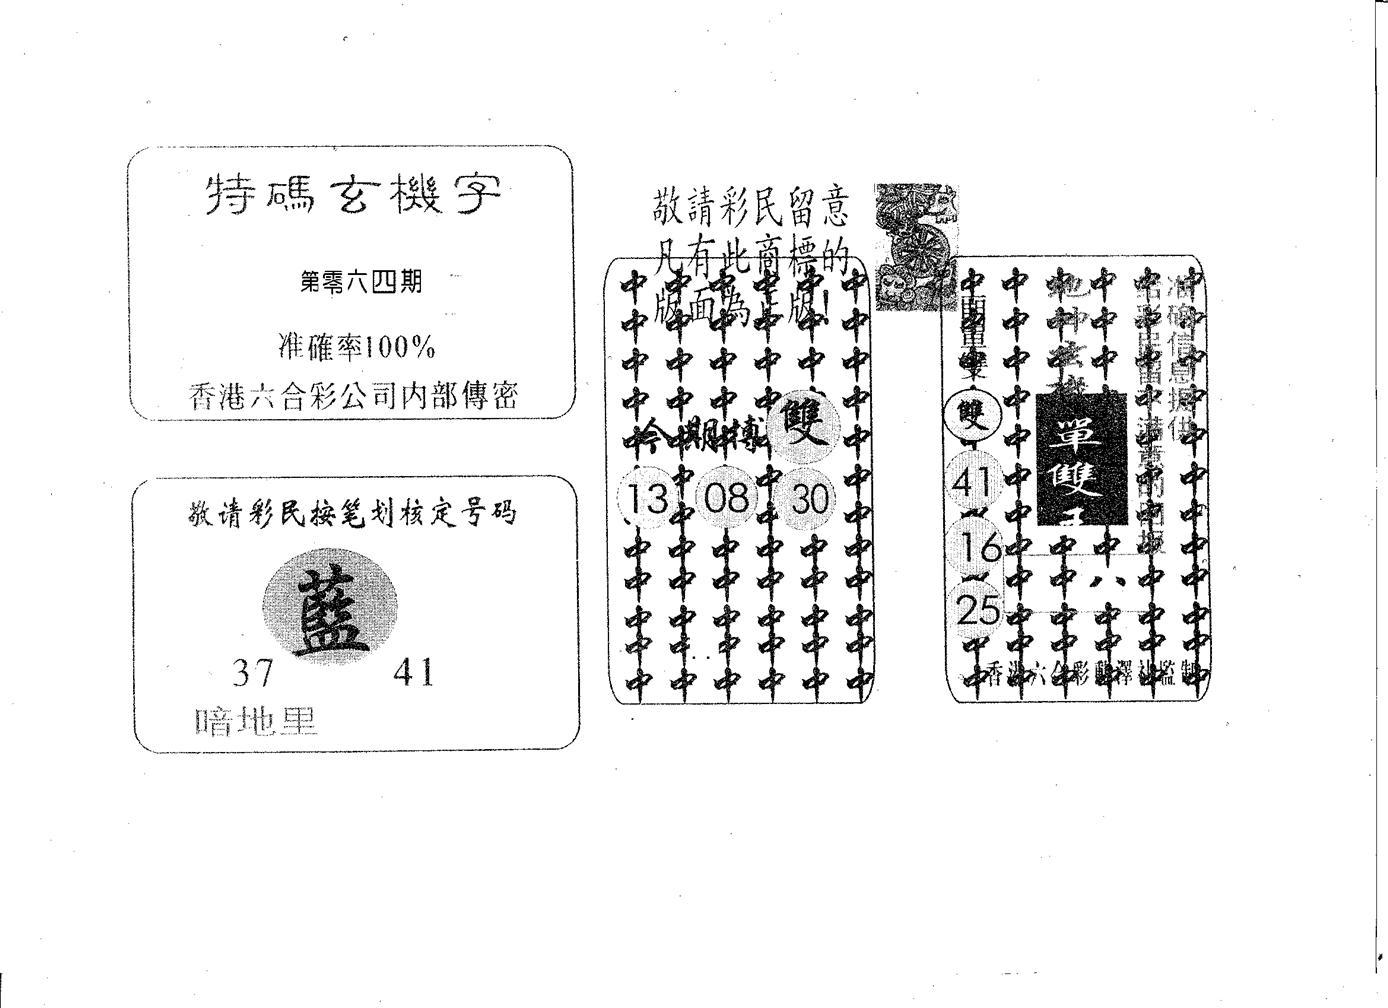 064期特码玄机字(黑白)